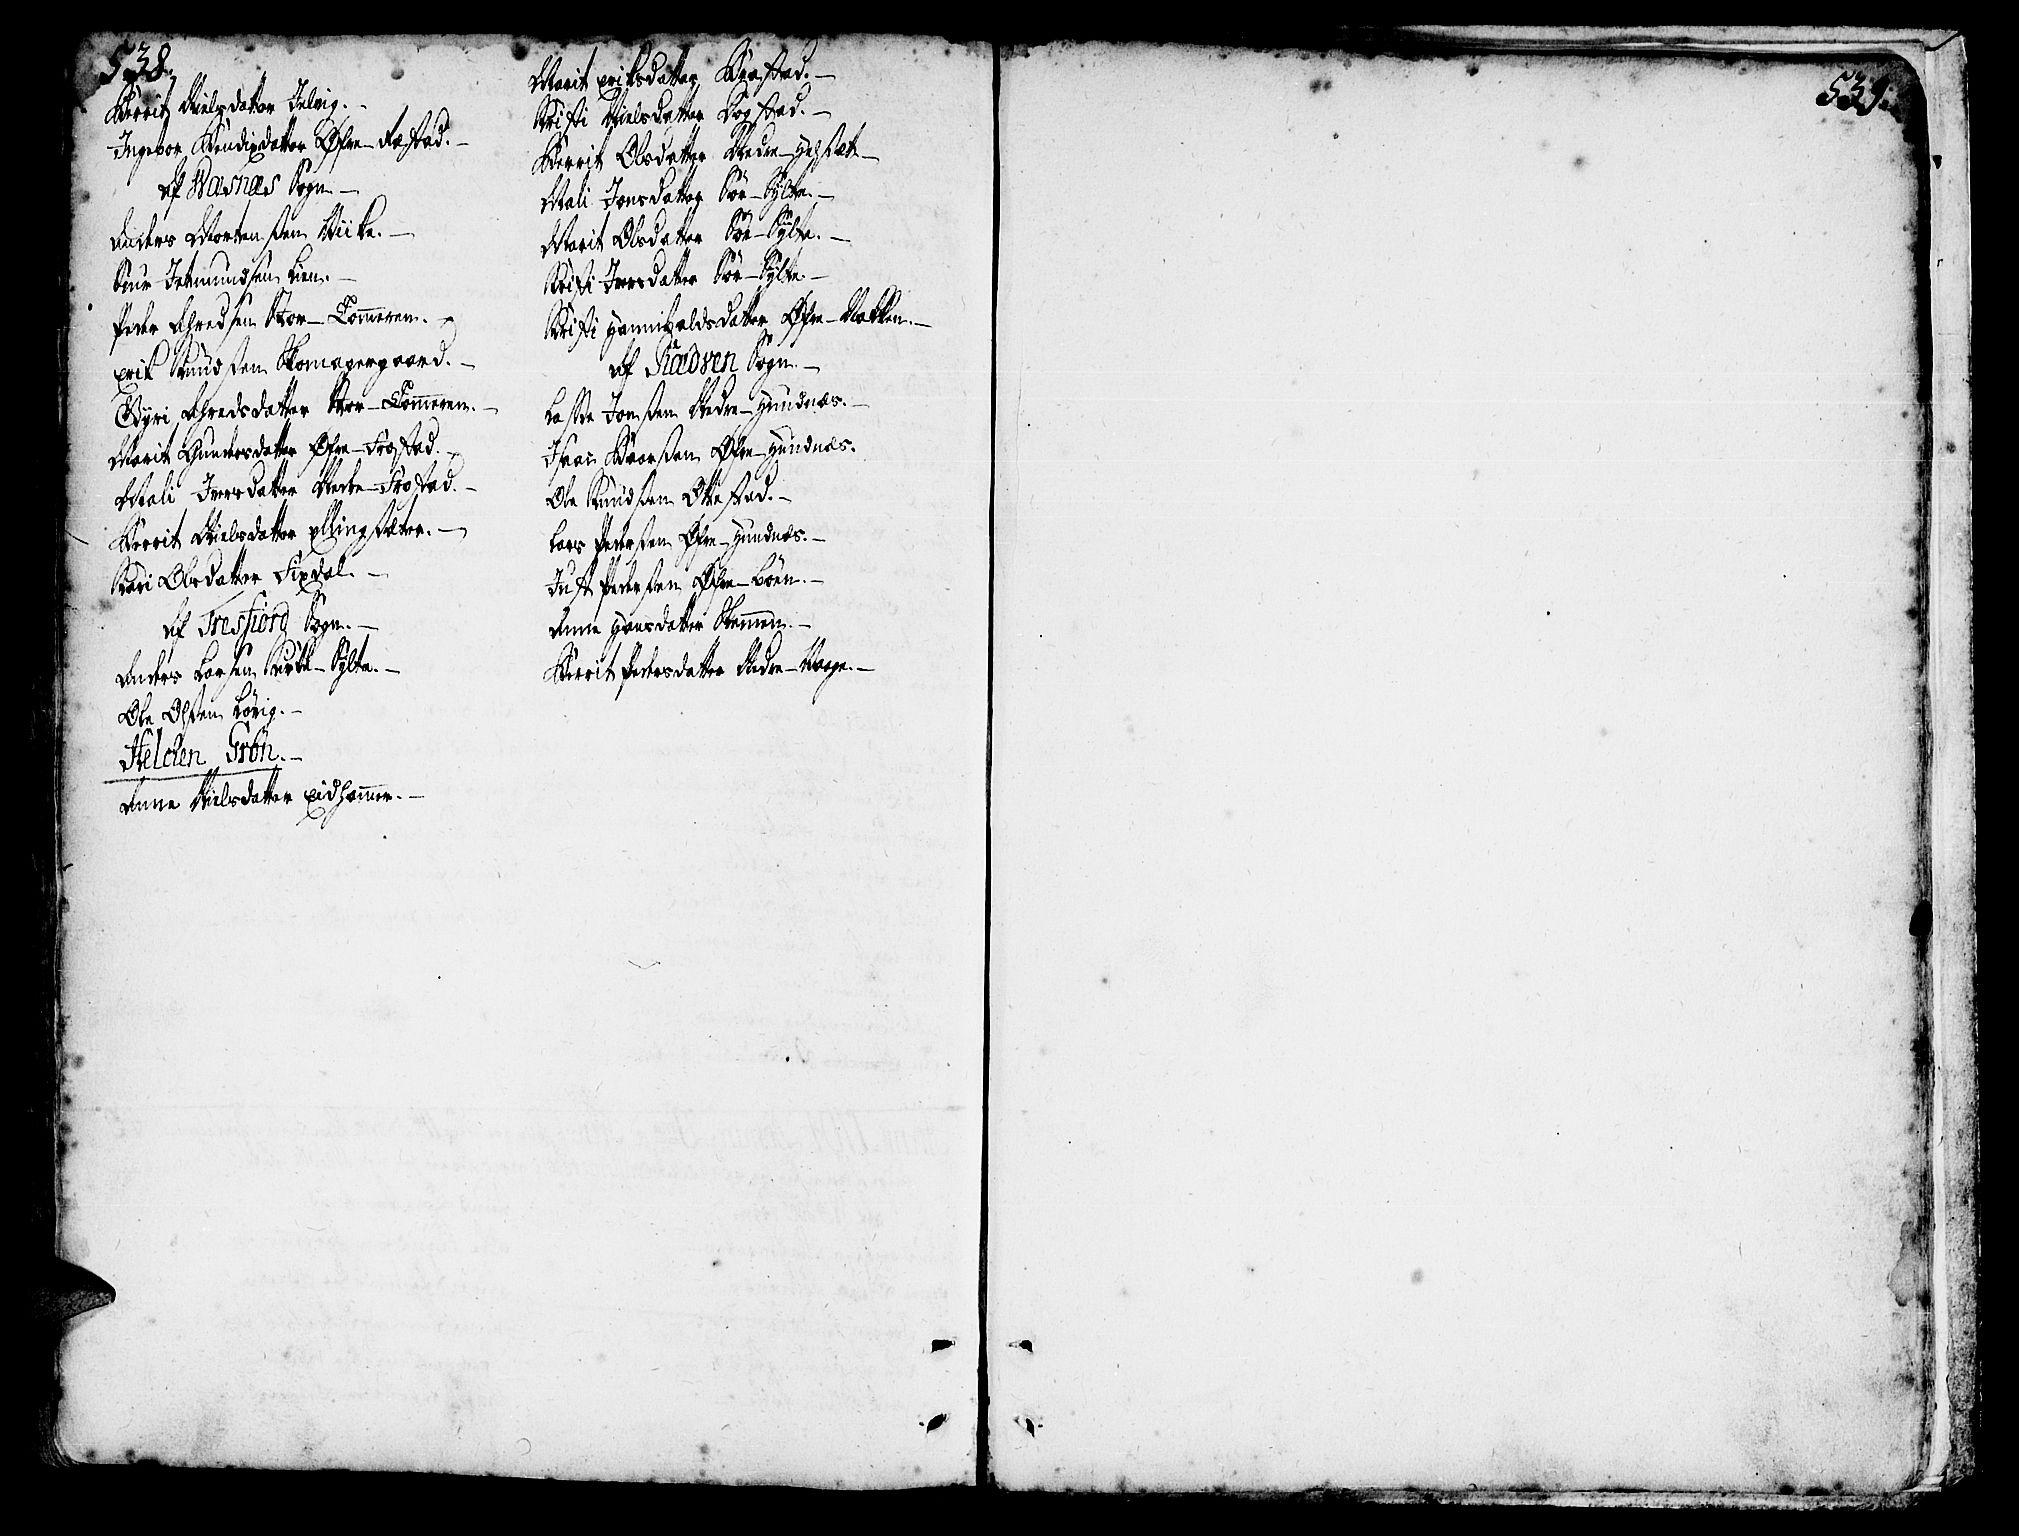 SAT, Ministerialprotokoller, klokkerbøker og fødselsregistre - Møre og Romsdal, 547/L0599: Parish register (official) no. 547A01, 1721-1764, p. 538-539